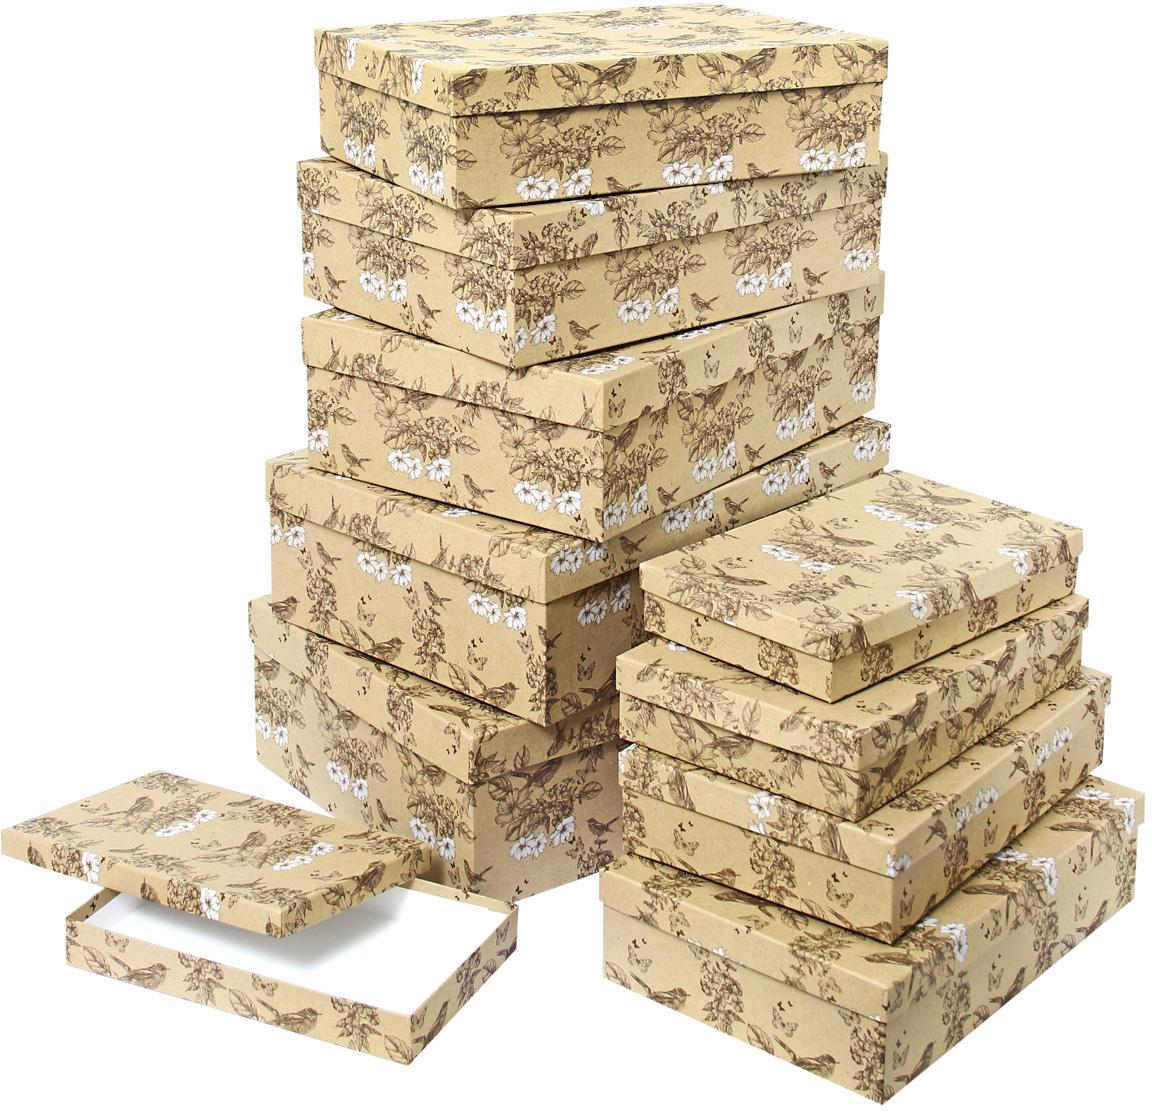 Набор подарочных коробок Veld-Co Гимн весне, 10 шт набор подарочных коробок veld co гимн весне круглые высокие 3 шт